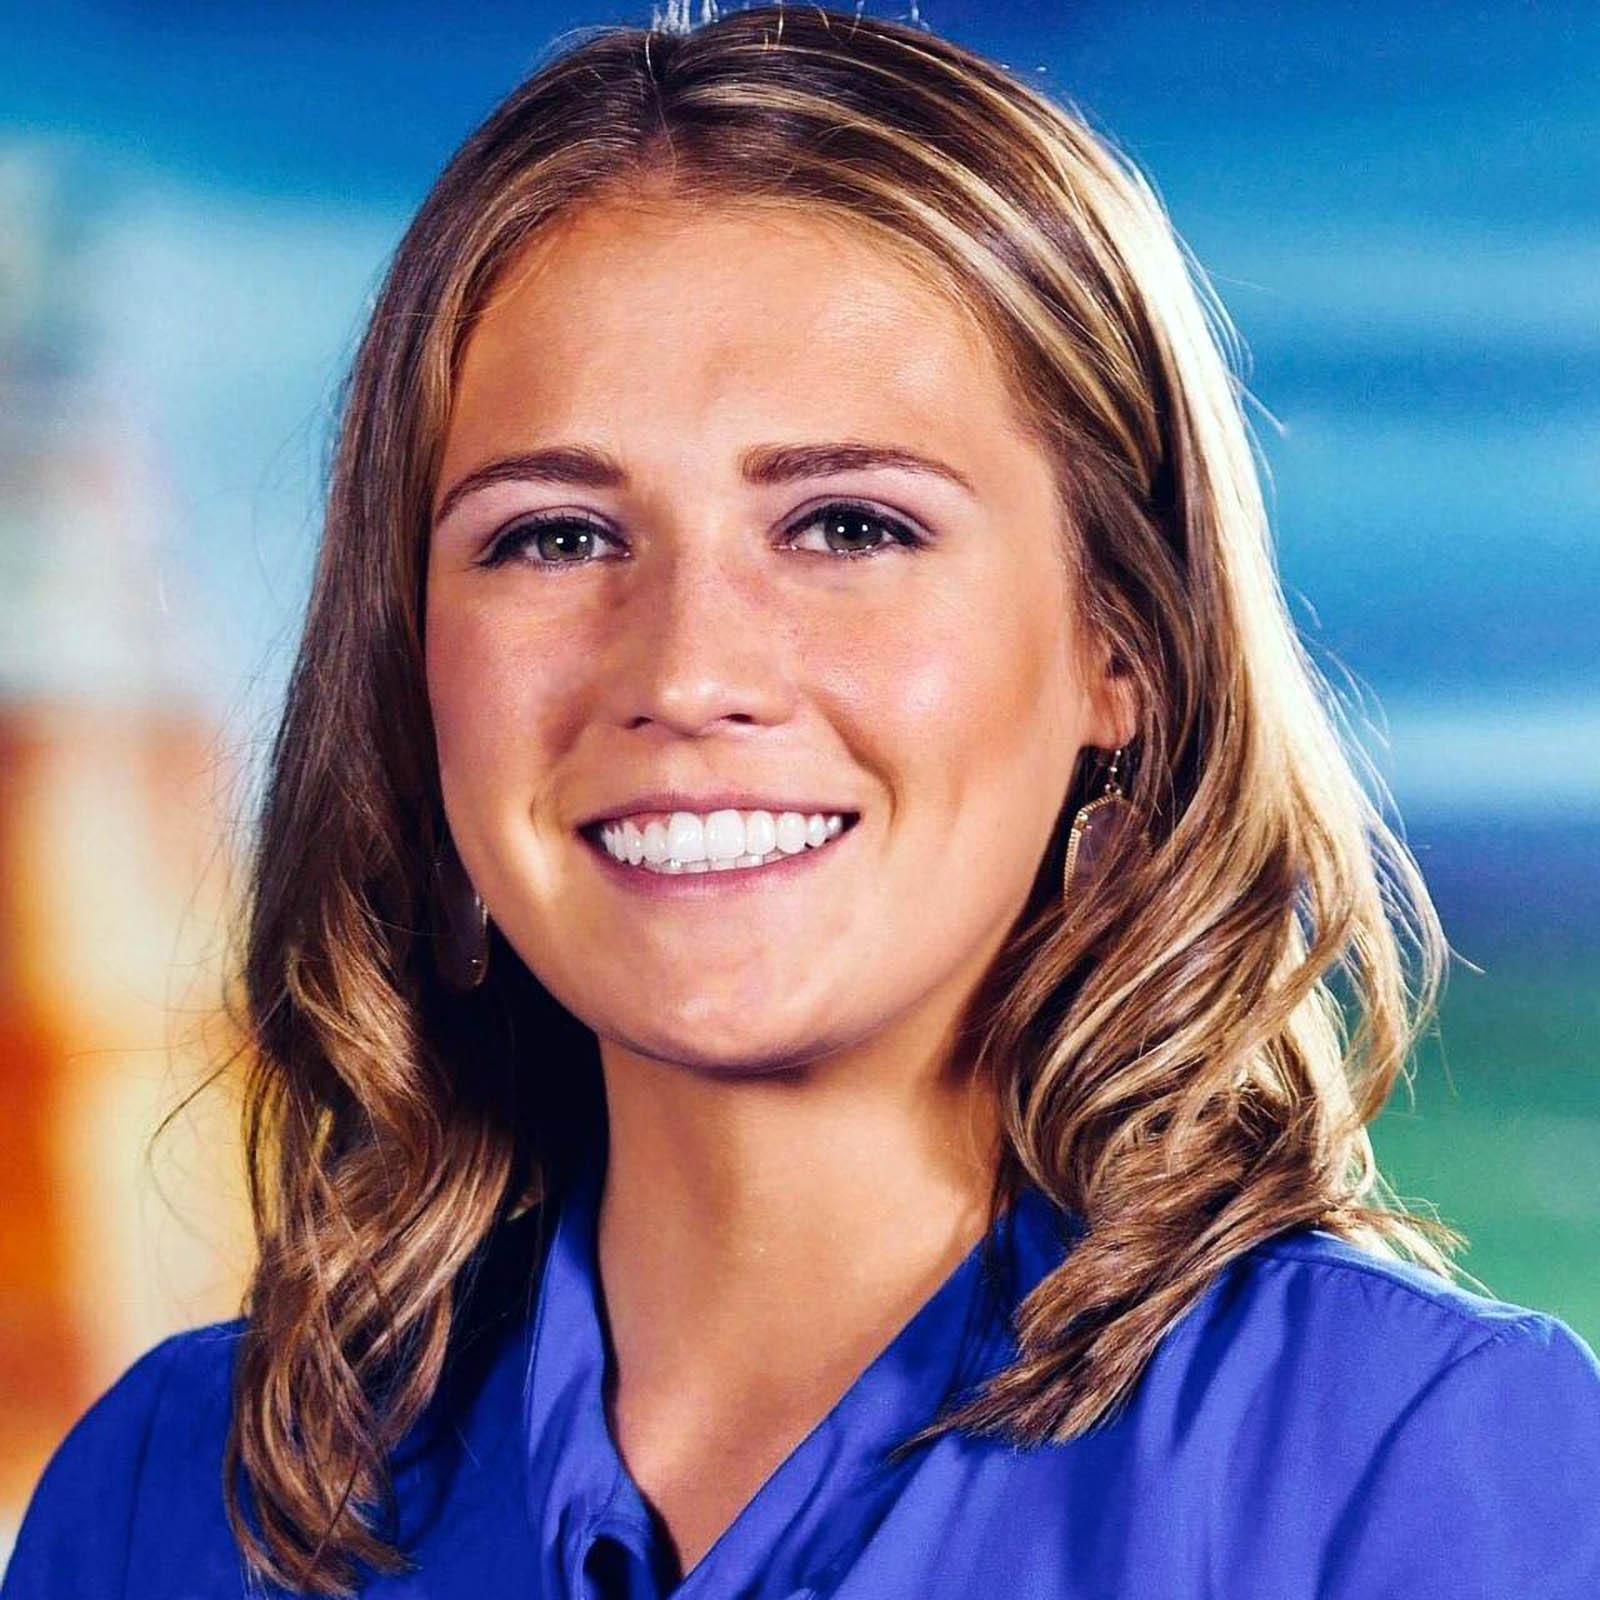 Morgan Burrell